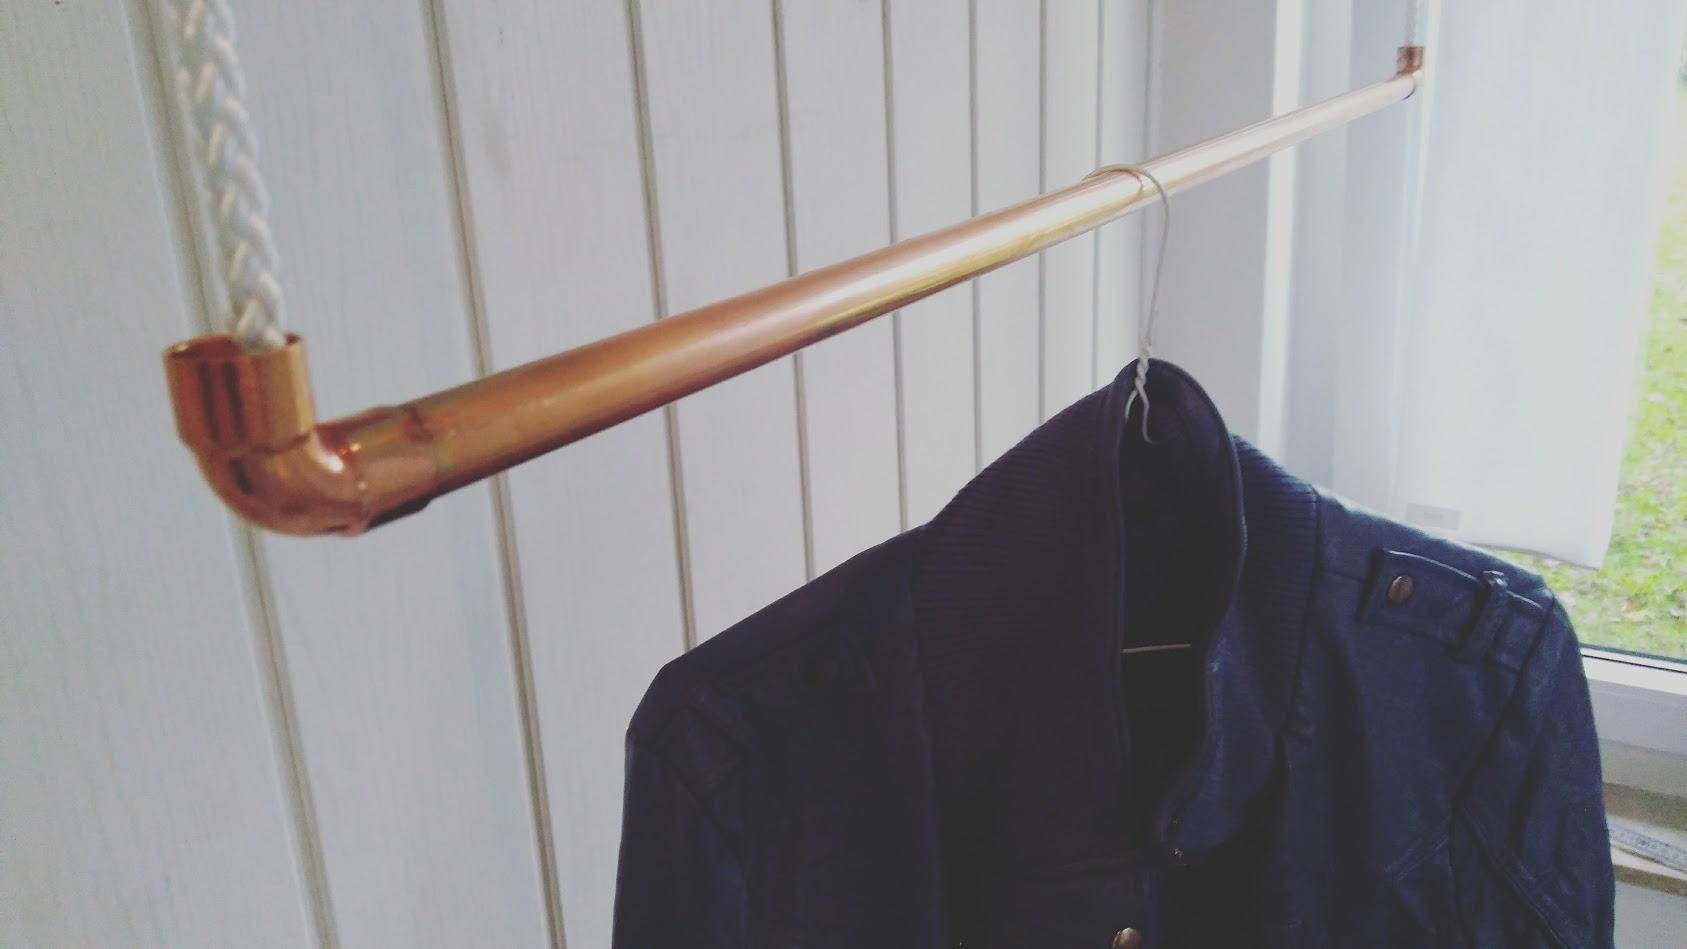 80 cm Premium Design Kleiderstange, Garderobenstange, aus Kupfer und Baumwollseil (weiß) hängend, De